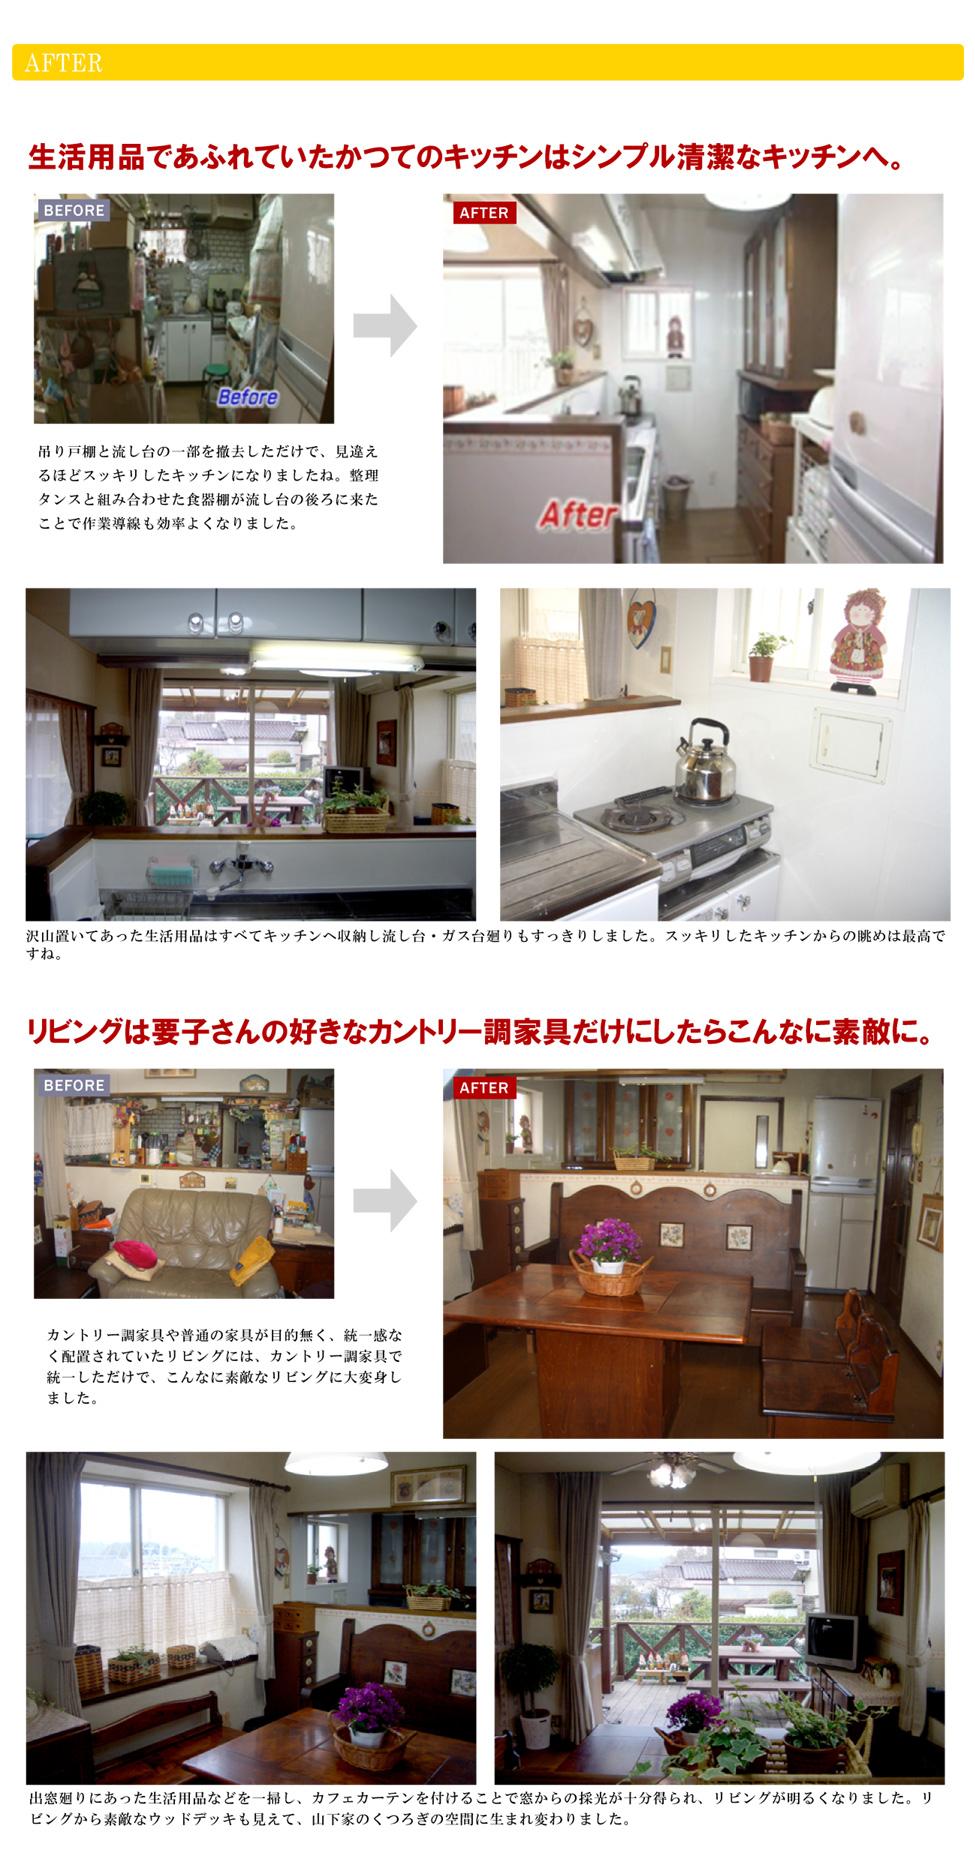 生活用品であふれていたかつてのキッチンはシンプル清潔なキッチンへ。吊り戸棚と流し台の一部を撤去しただけで、見違えるほどスッキリしたキッチンになりましたね。整理タンスと組み合わせた食器棚が流し台の後ろに来たことで作業導線も効率よくなりました。沢山置いてあった生活用品はすべてキッチンへ収納し流し台・ガス台廻りもすっきりしました。スッキリしたキッチンからの眺めは最高ですね。リビングは要子さんの好きなカントリー調家具だけにしたらこんなに素敵に。カントリー調家具や普通の家具が目的無く、統一感なく配置されていたリビングには、カントリー調家具で統一しただけで、こんなに素敵なリビングに大変身しました。出窓廻りにあった生活用品などを一掃し、カフェカーテンを付けることで窓からの採光が十分得られ、リビングが明るくなりました。リビングから素敵なウッドデッキも見えて、山下家のくつろぎの空間に生まれ変わりました。